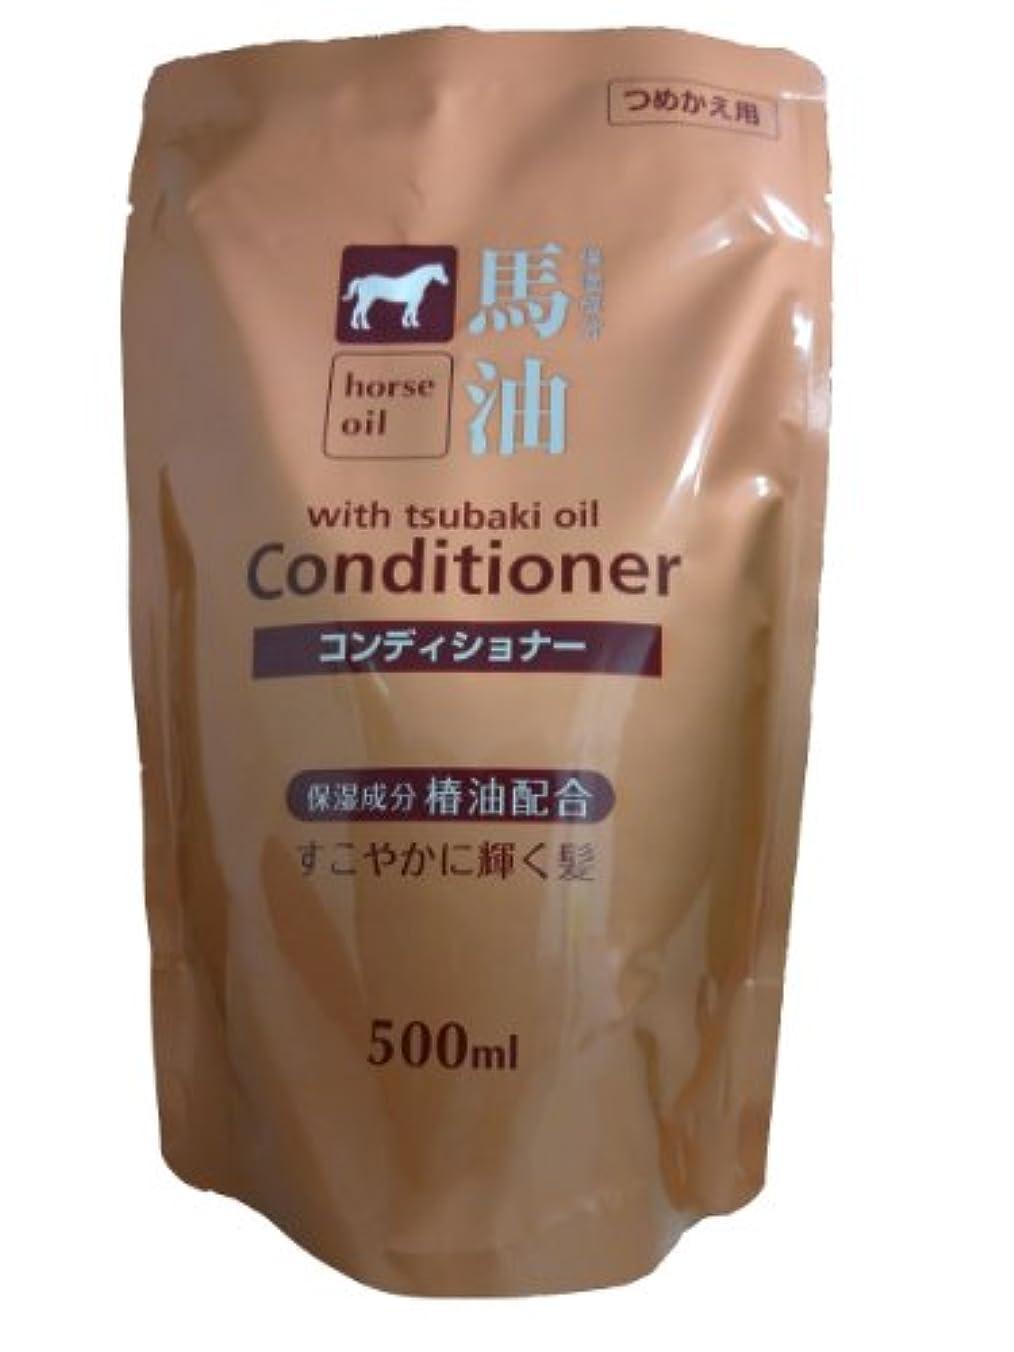 グリーンランドギャロップ正確な熊野油脂 馬油コンディショナー 詰め替え用 500ml